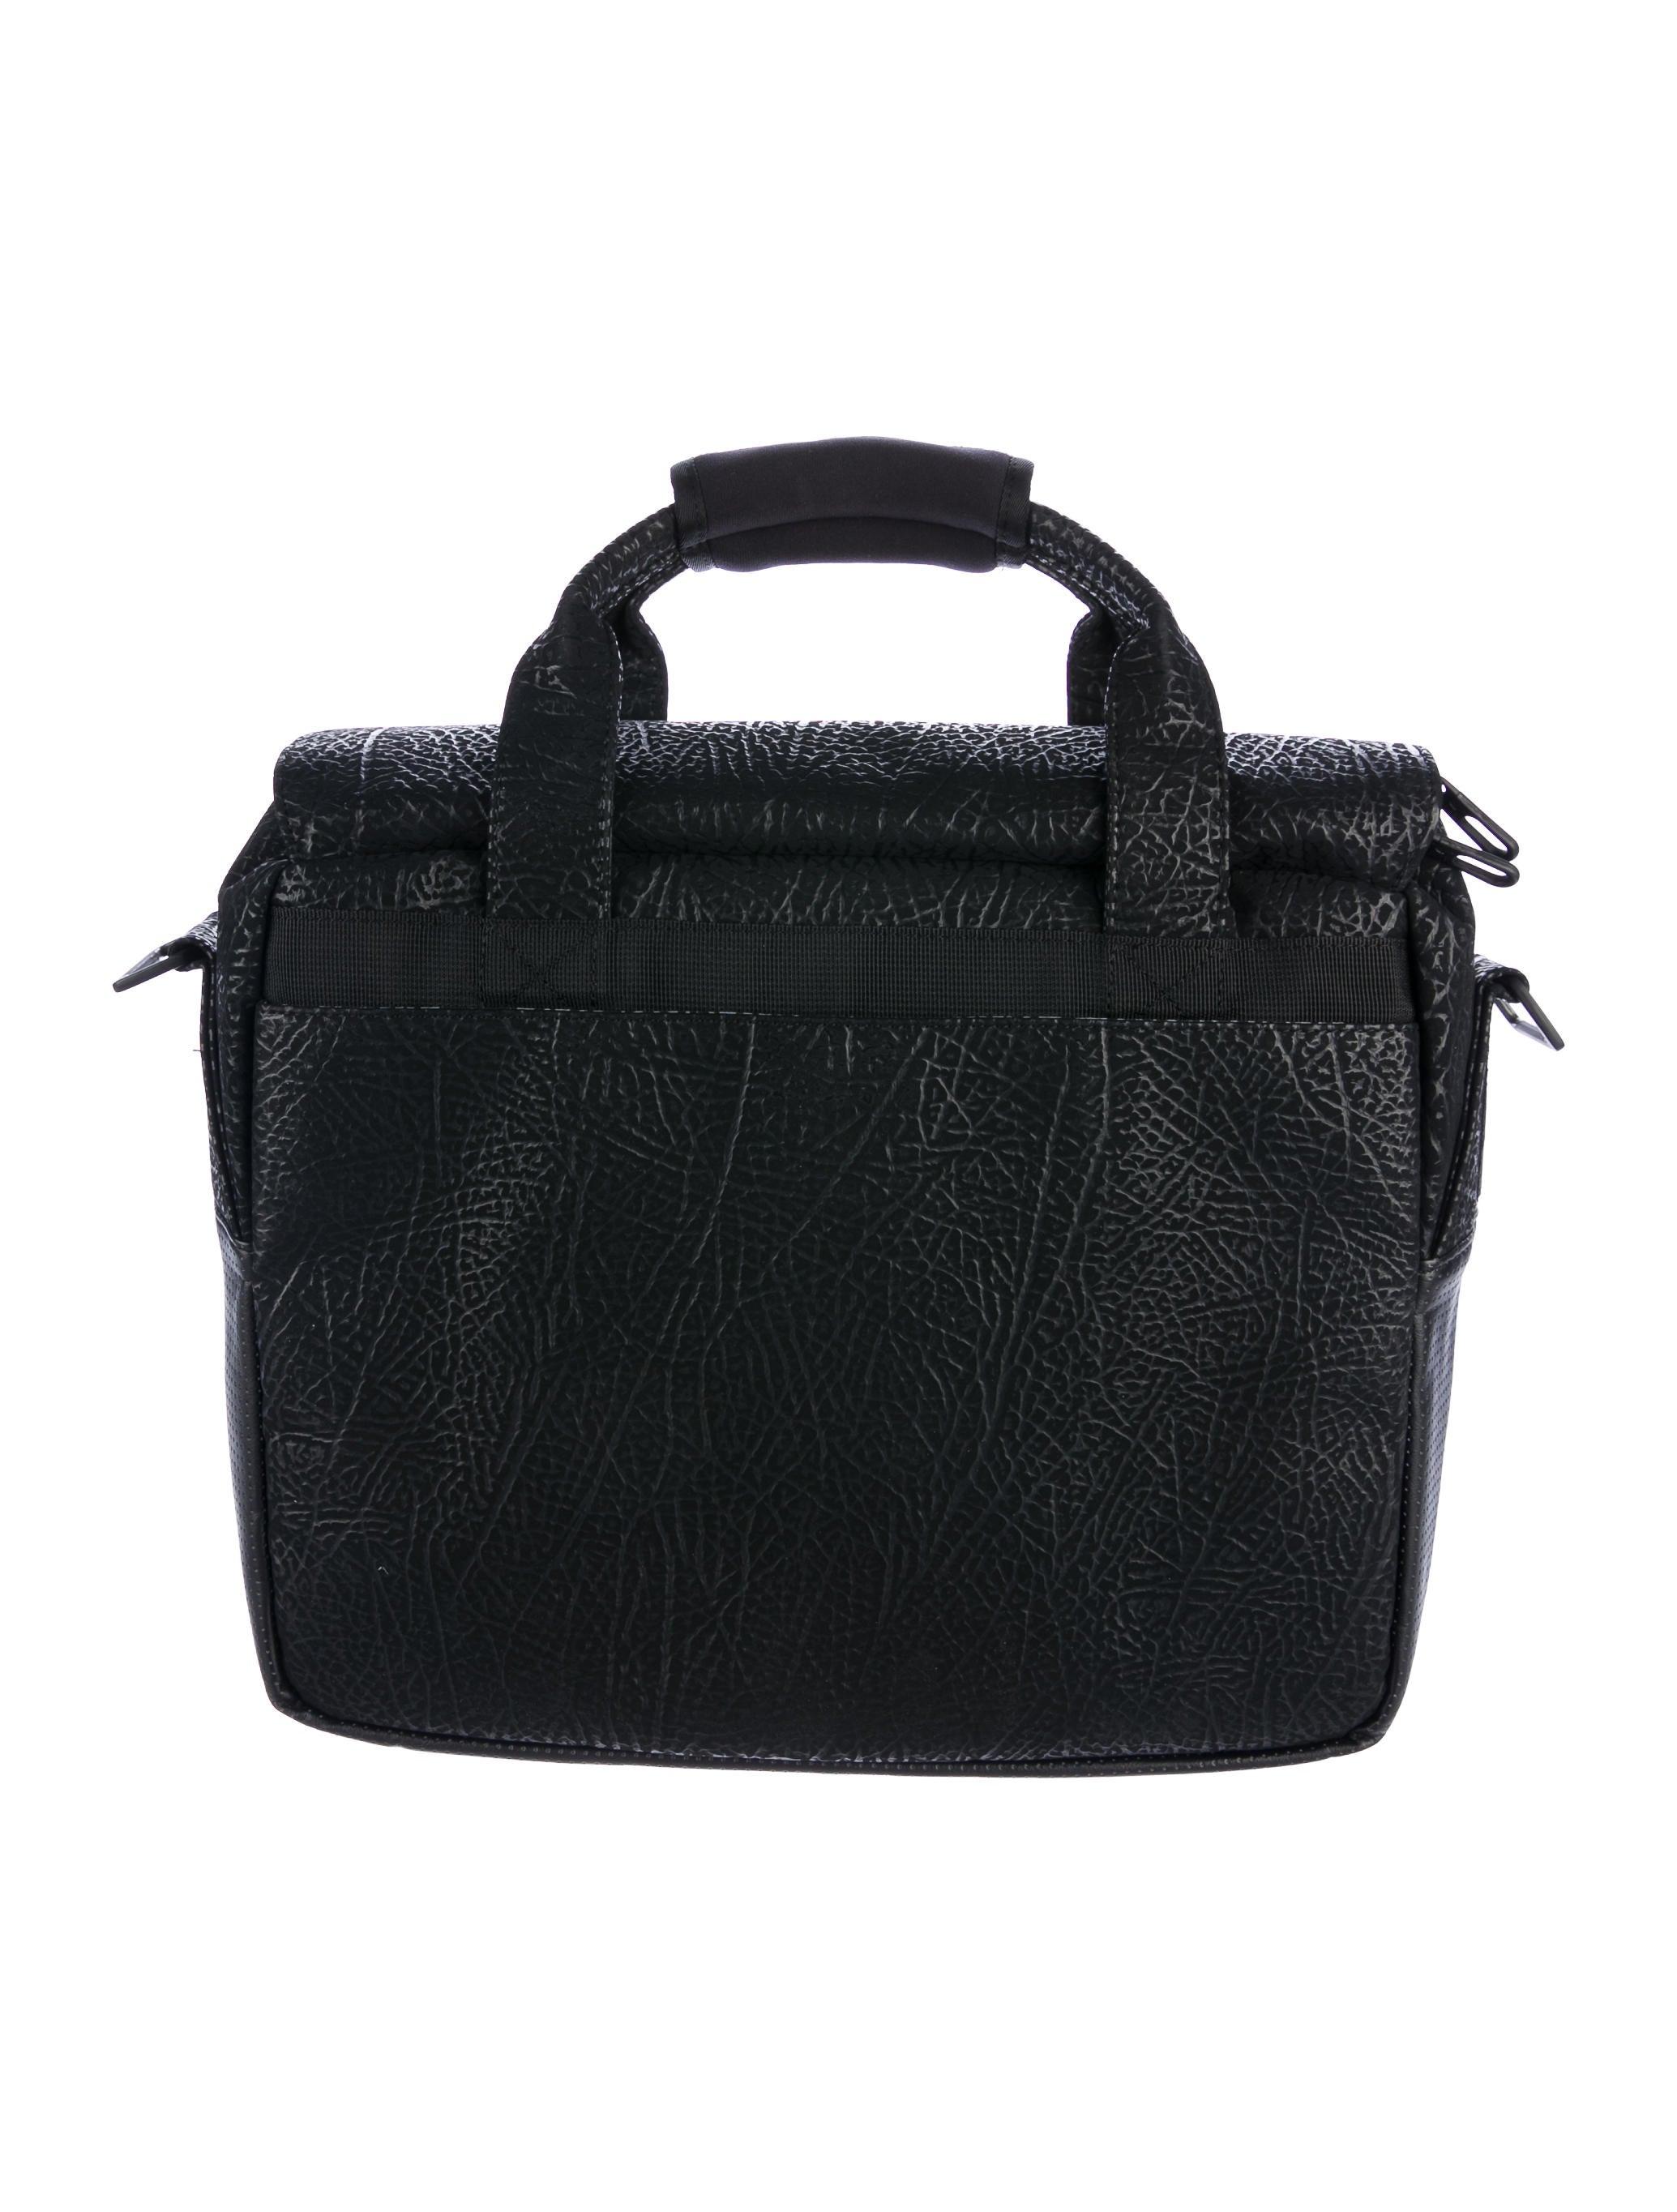 Nike Air Jordan Embossed Computer Bag Bags Wniaj20239 The Realreal